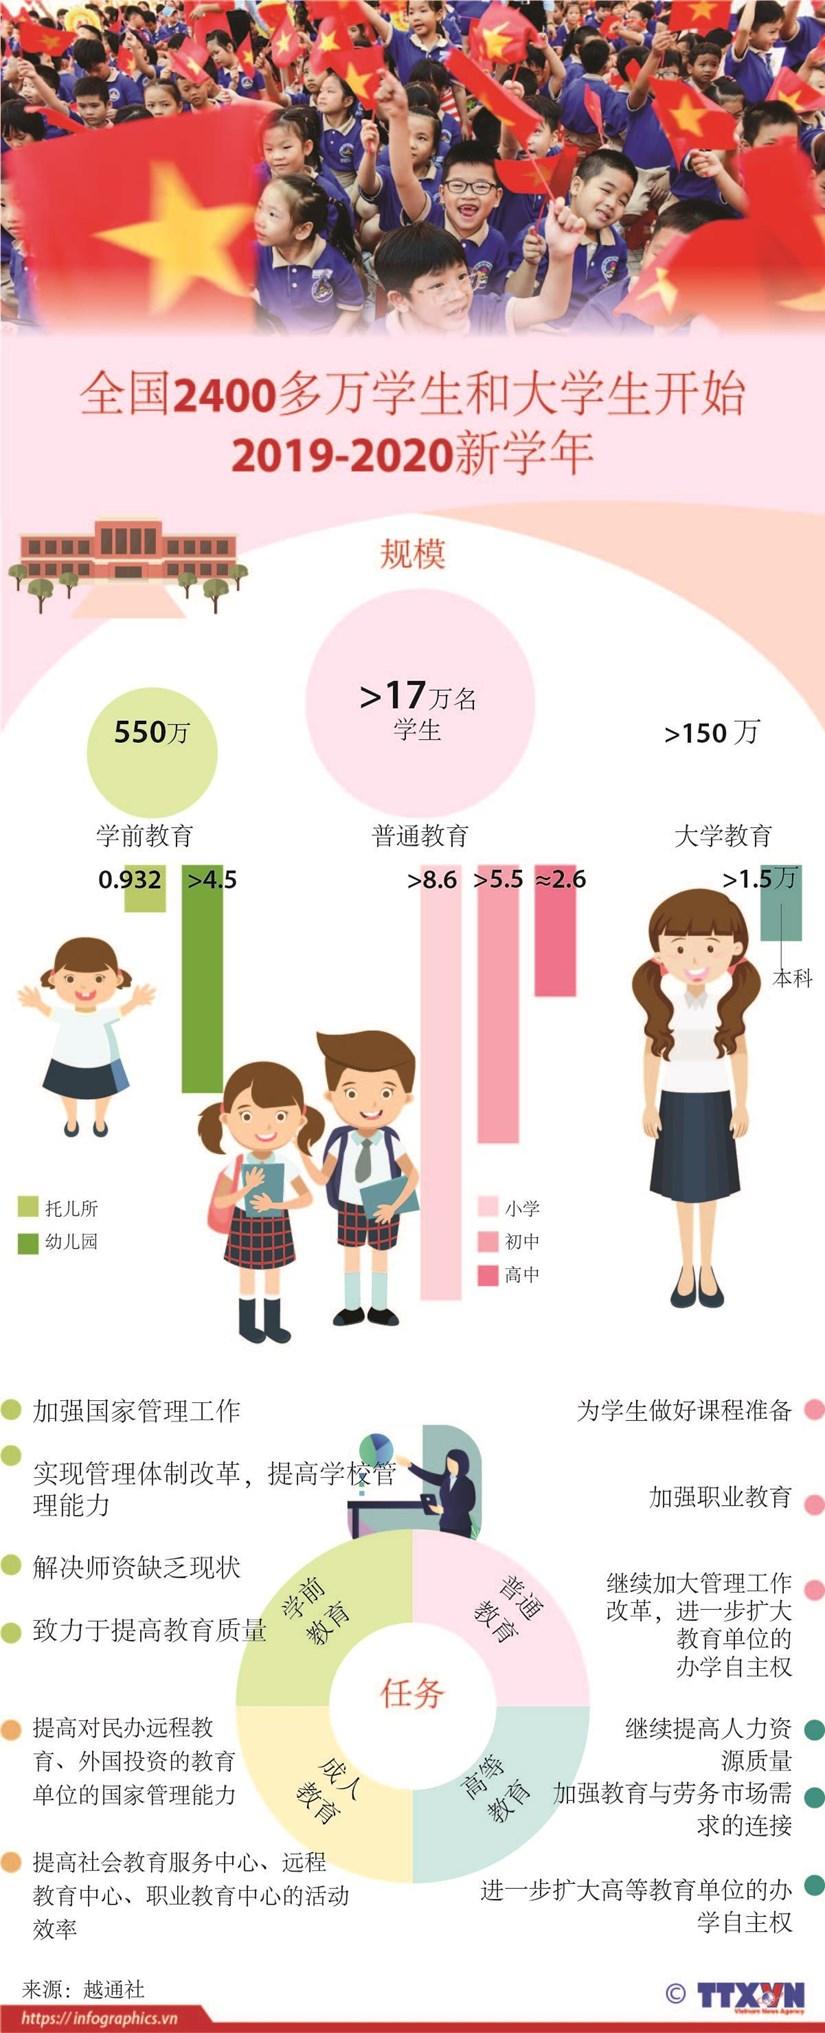 图表新闻:越南全国2400多万名学生今日迎接2019-2020新学年 hinh anh 1